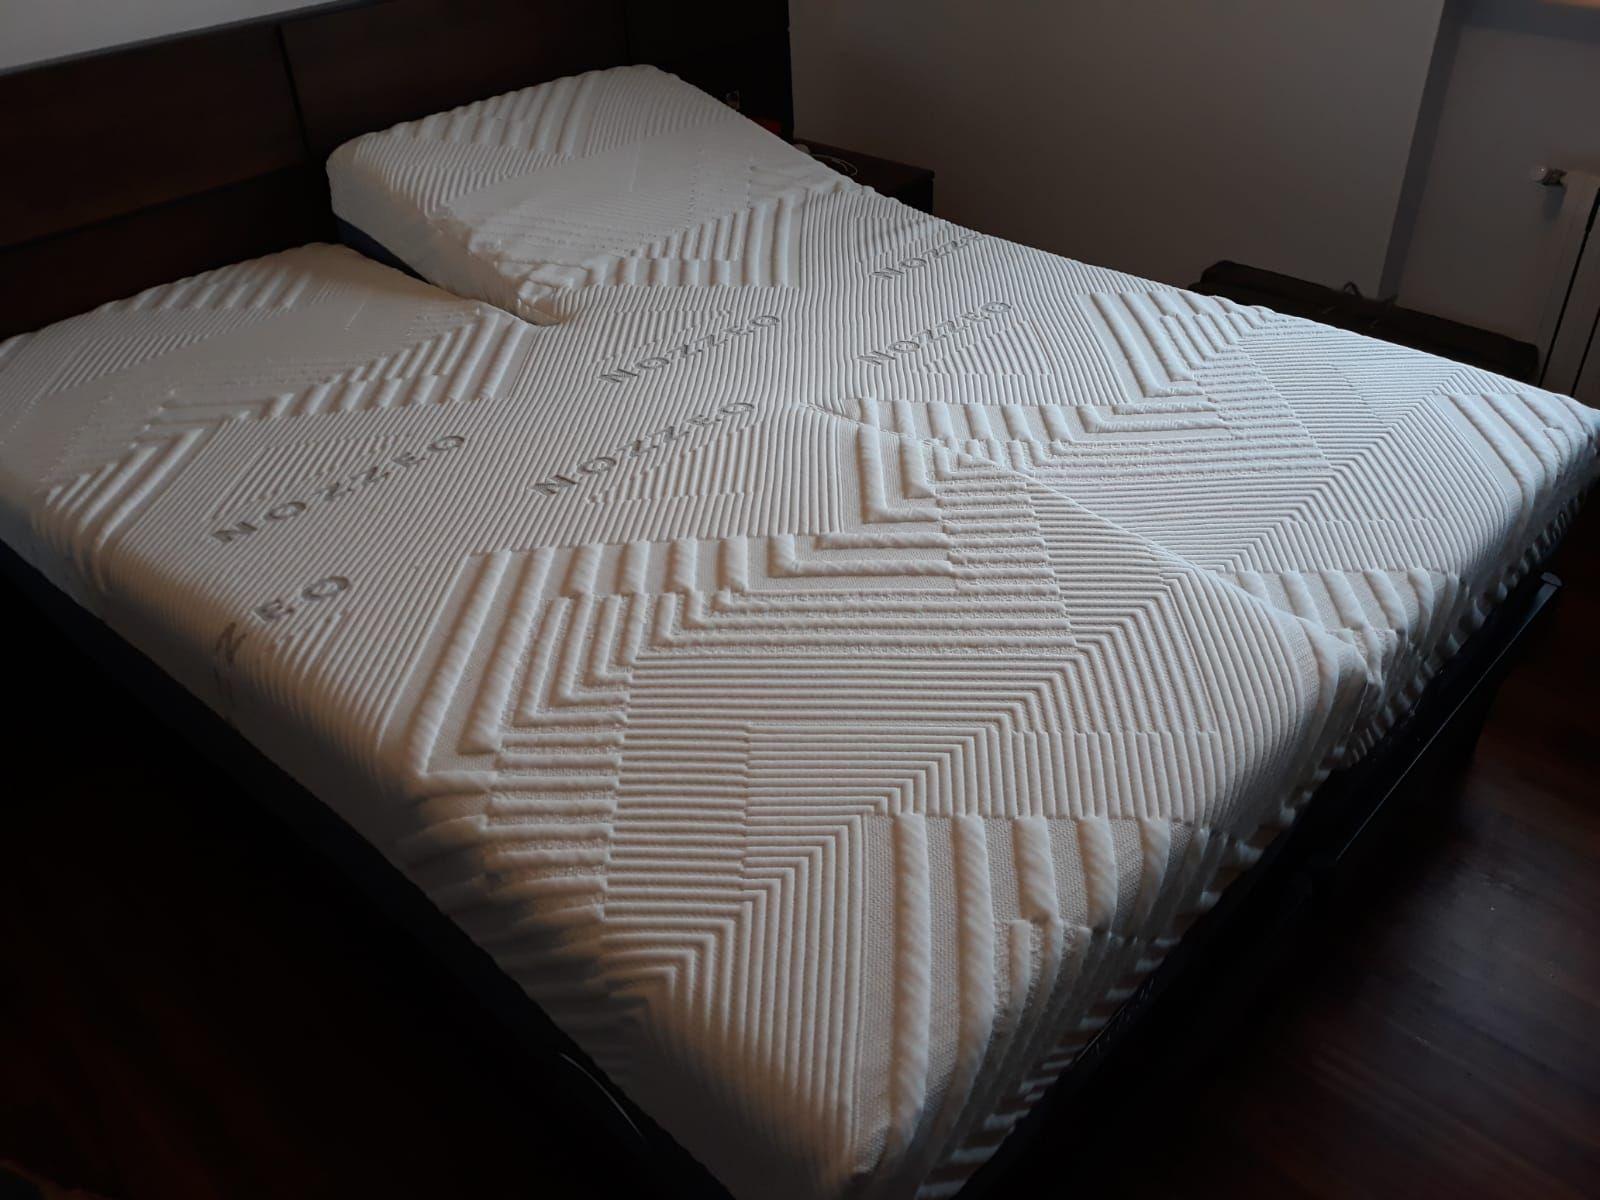 Colchón para cama articulada doble.